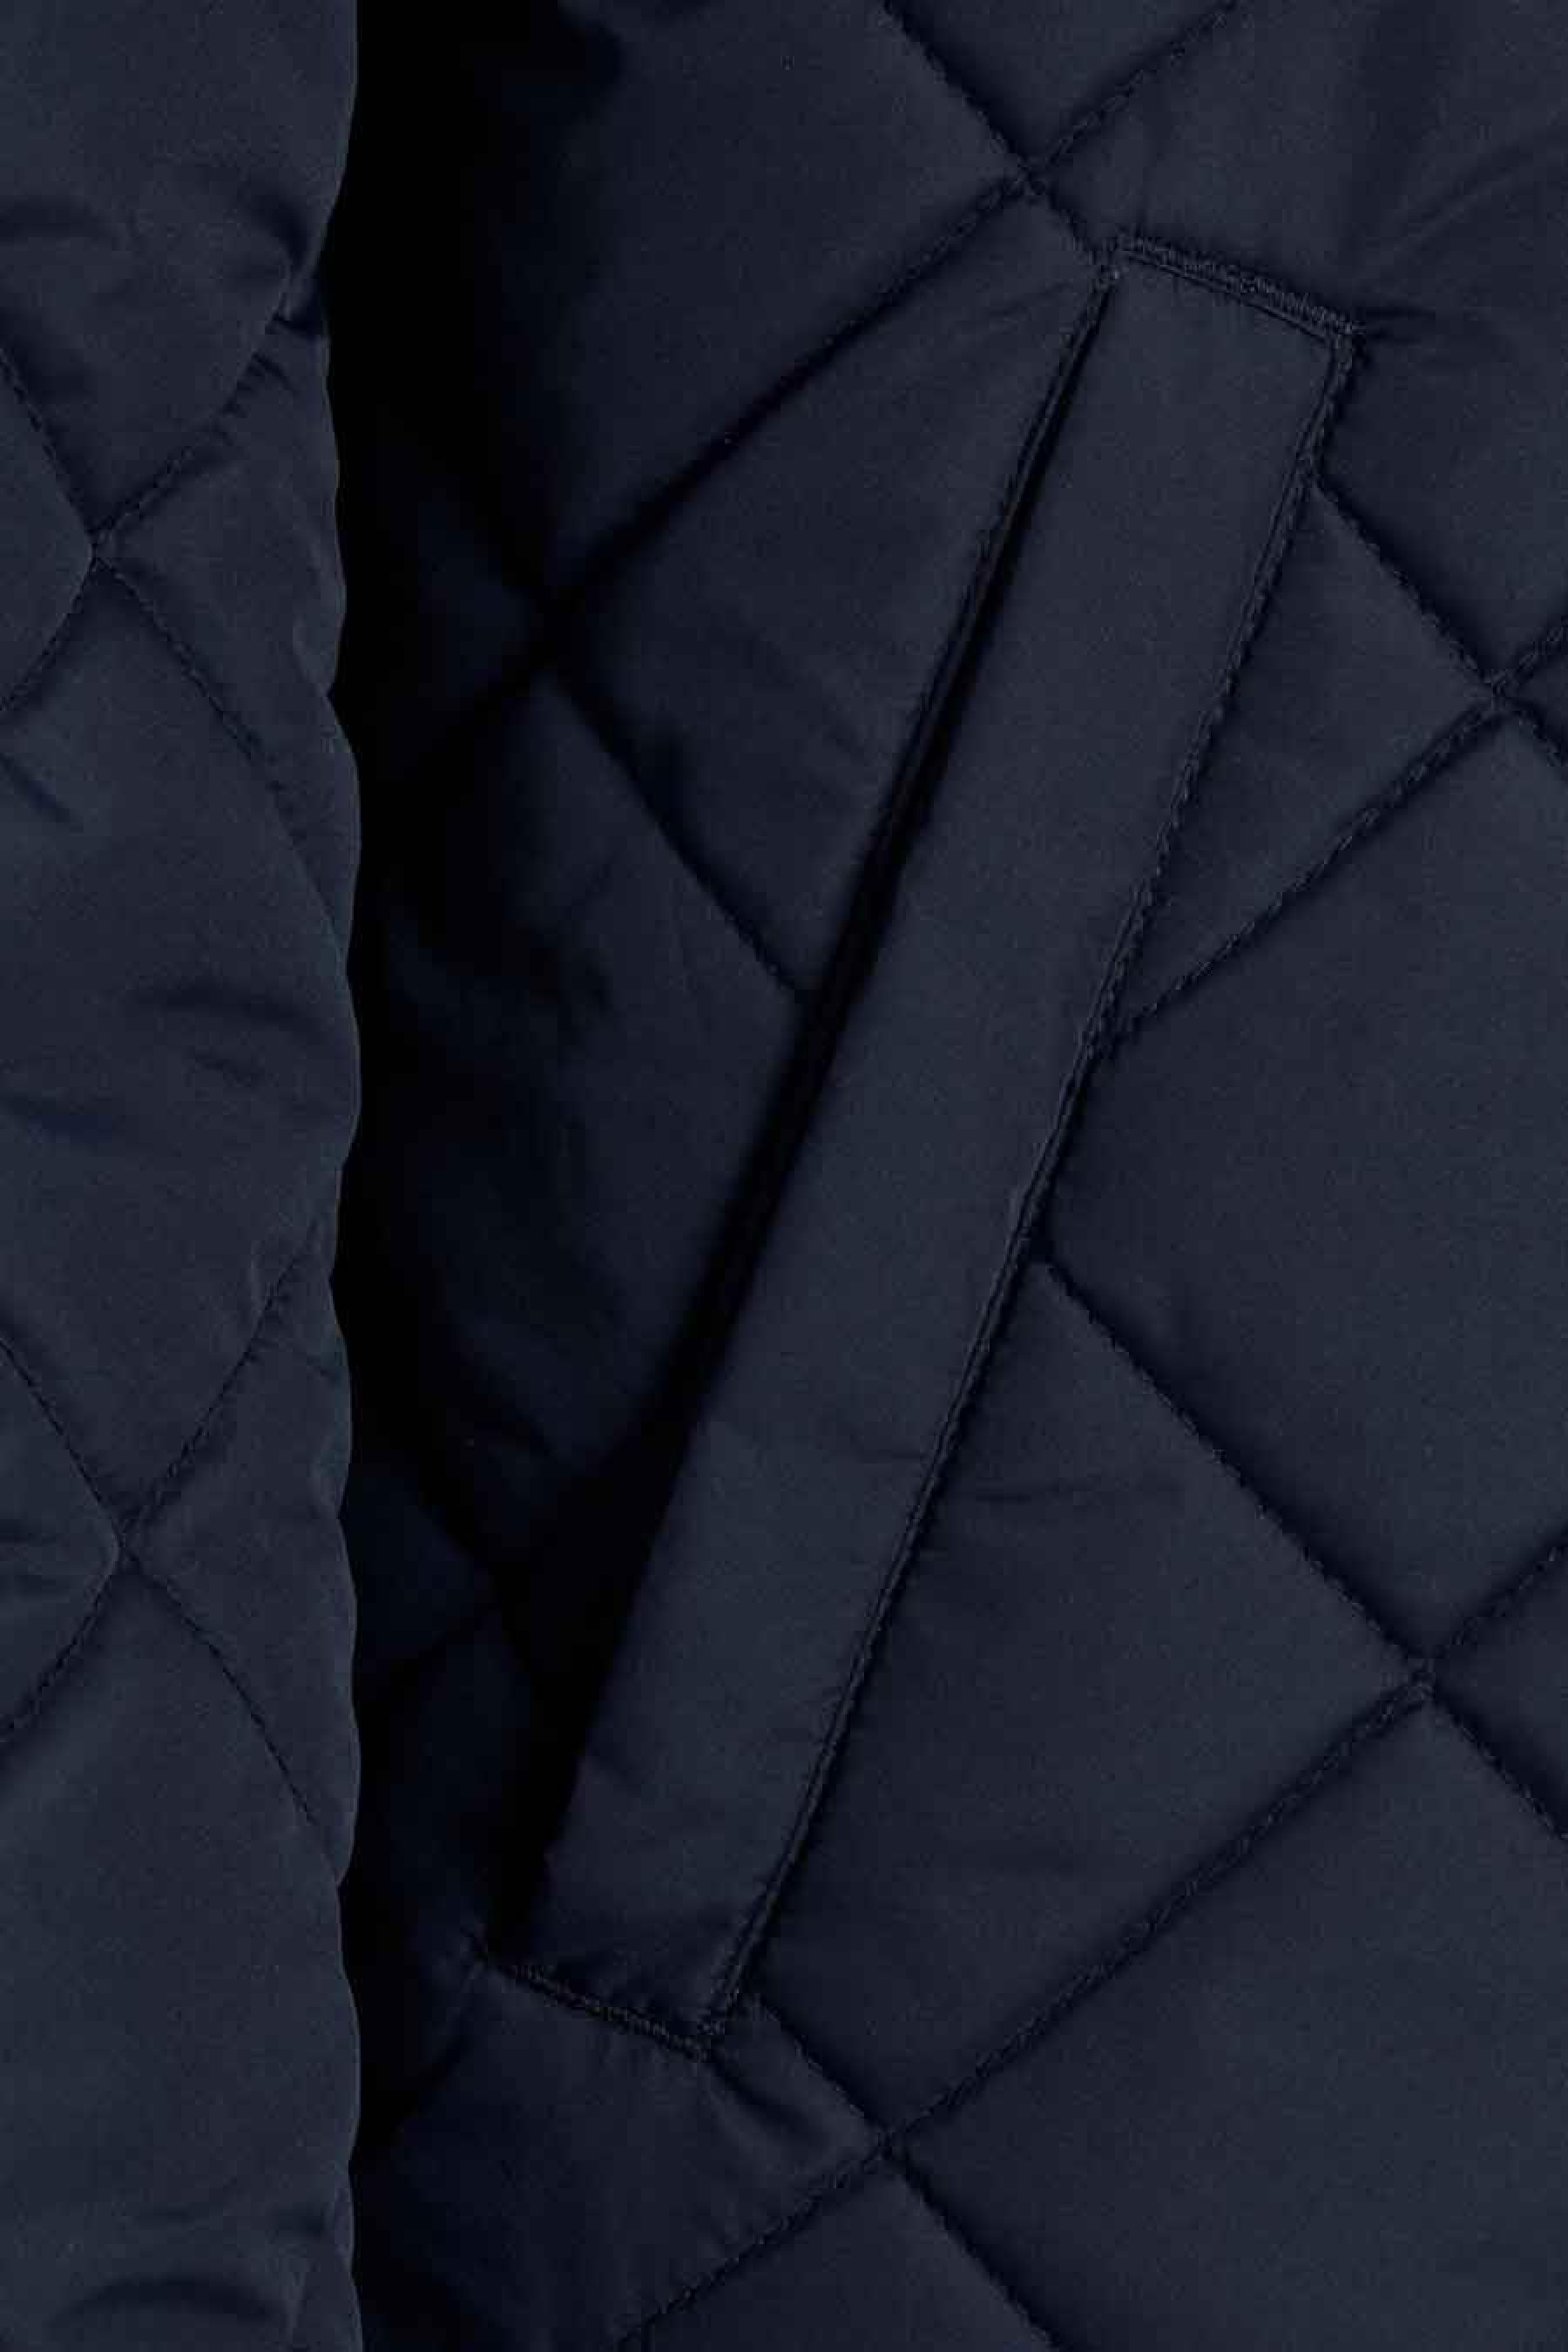 PREMIUM BLUE by JACK & JONES Jas kort, Blauw, Heren, Maat: L/M/S